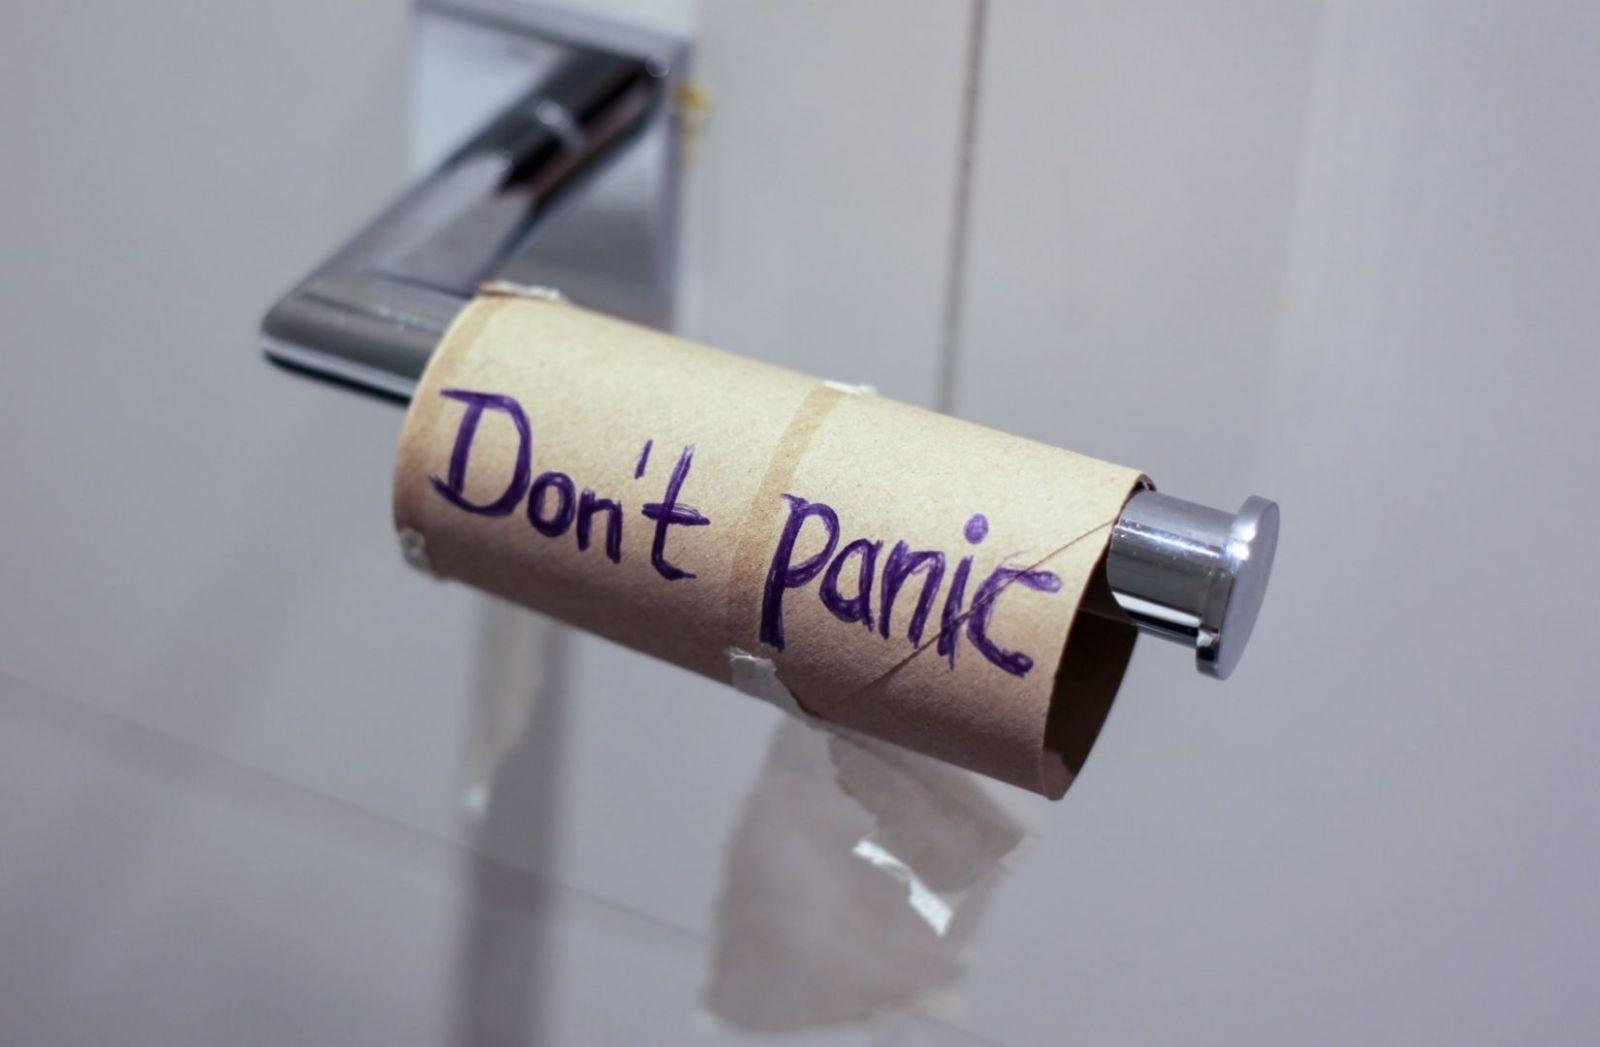 Das Papier ist alle. Wer hat Schuld. (Foto: Jasmin Sessler, Unsplash.com)